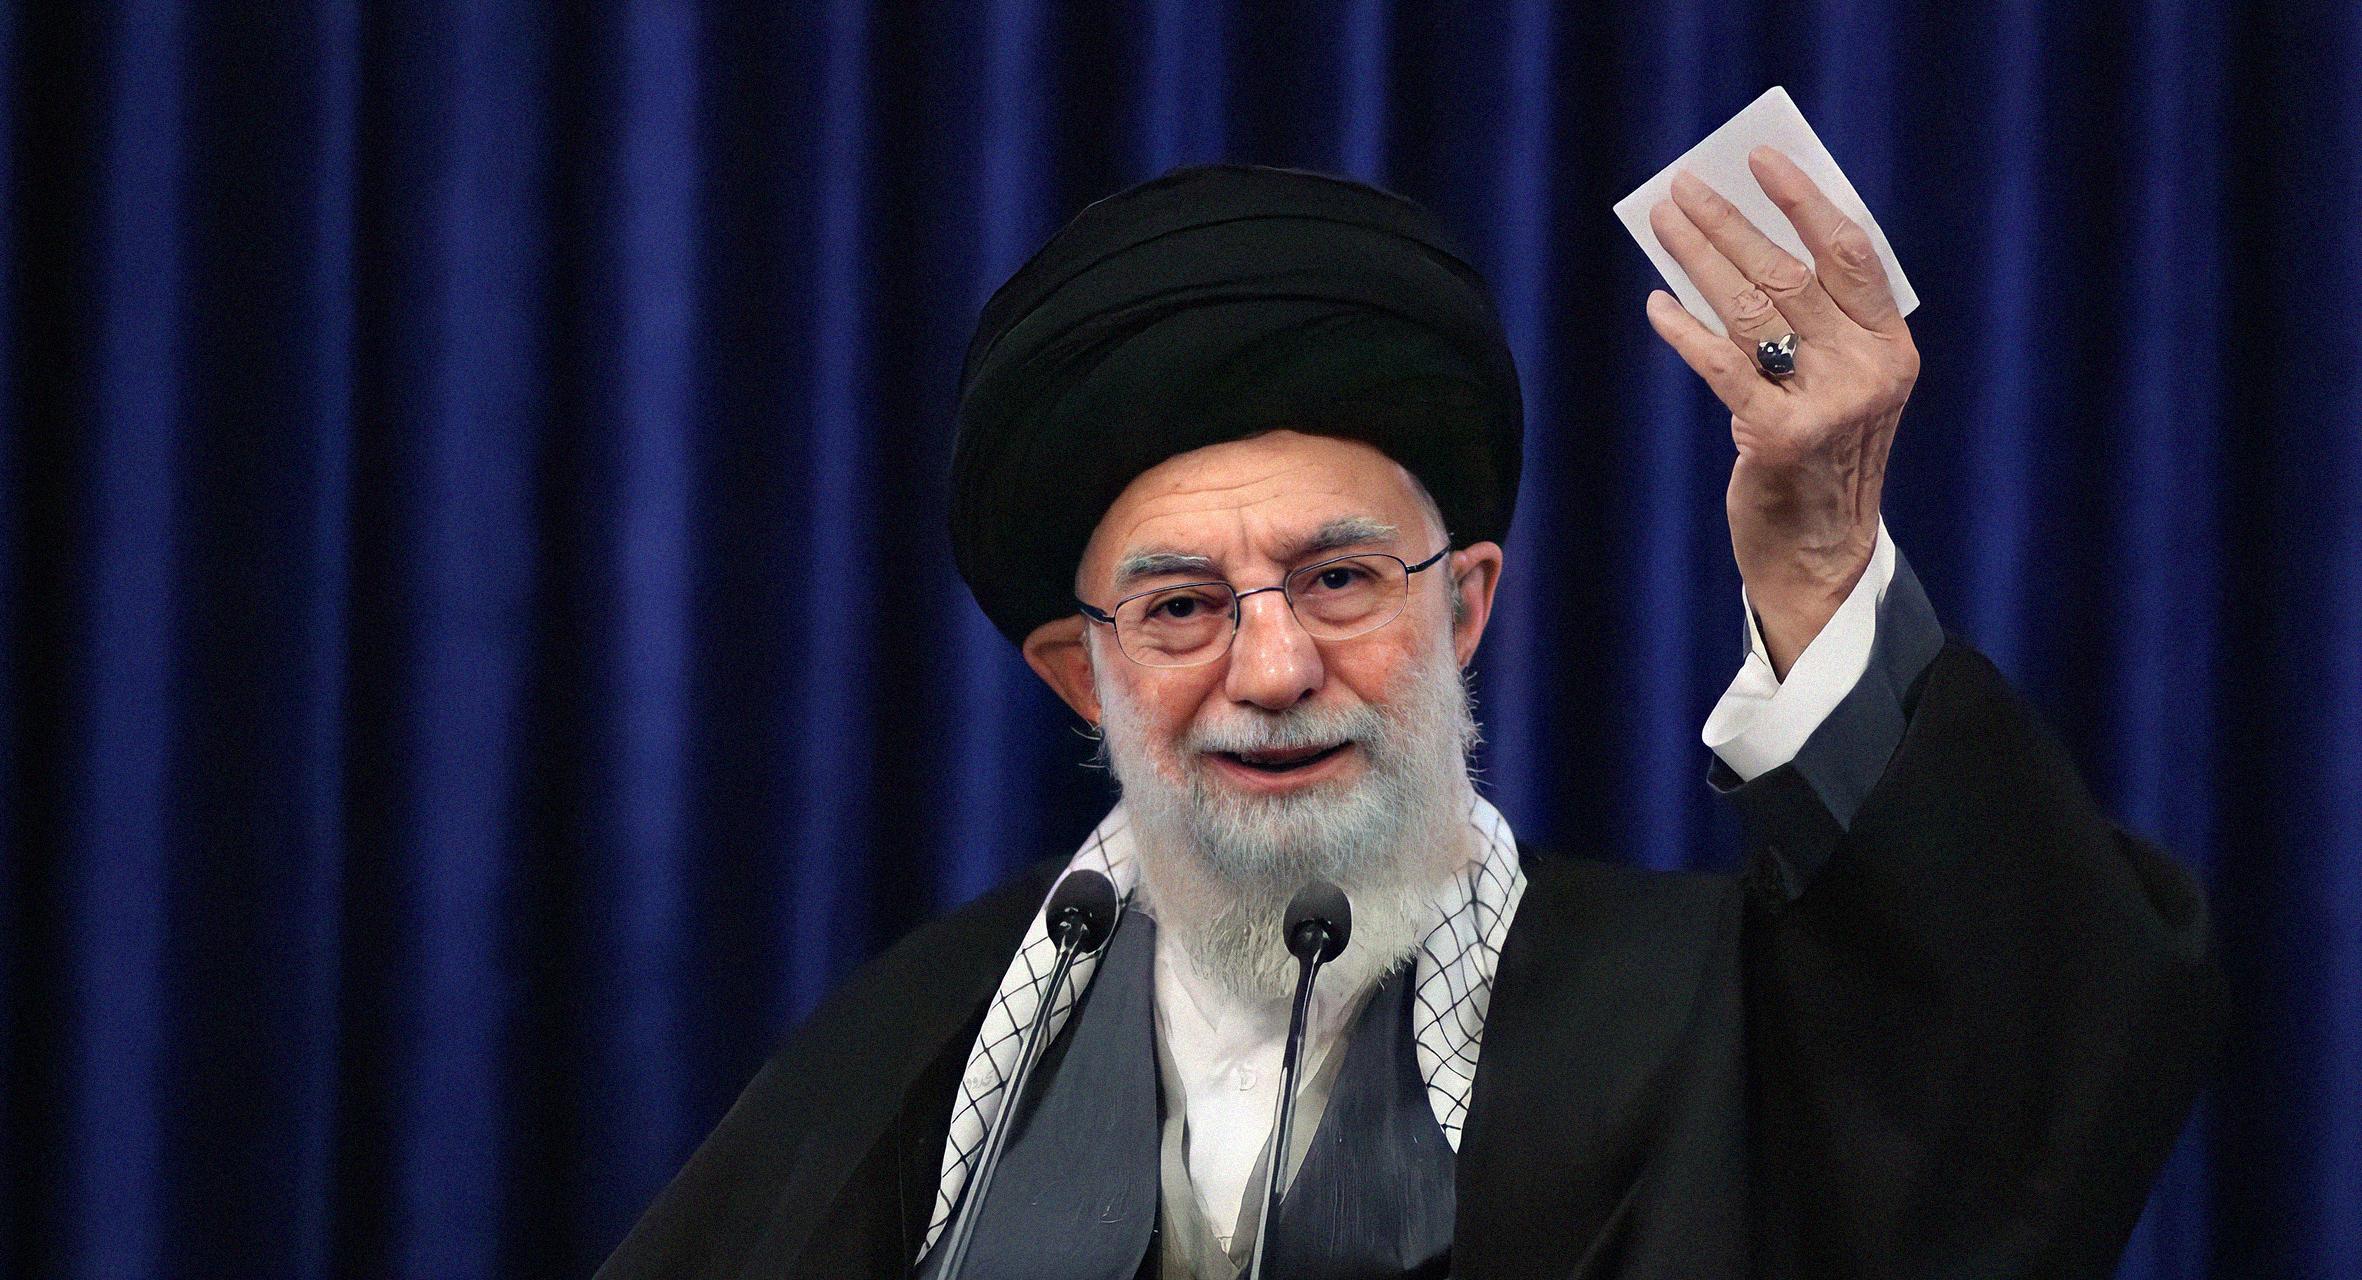 صورة خامنئي للإيرانيين: فصّلت لكم طقم مرشحين يأخذ العقل